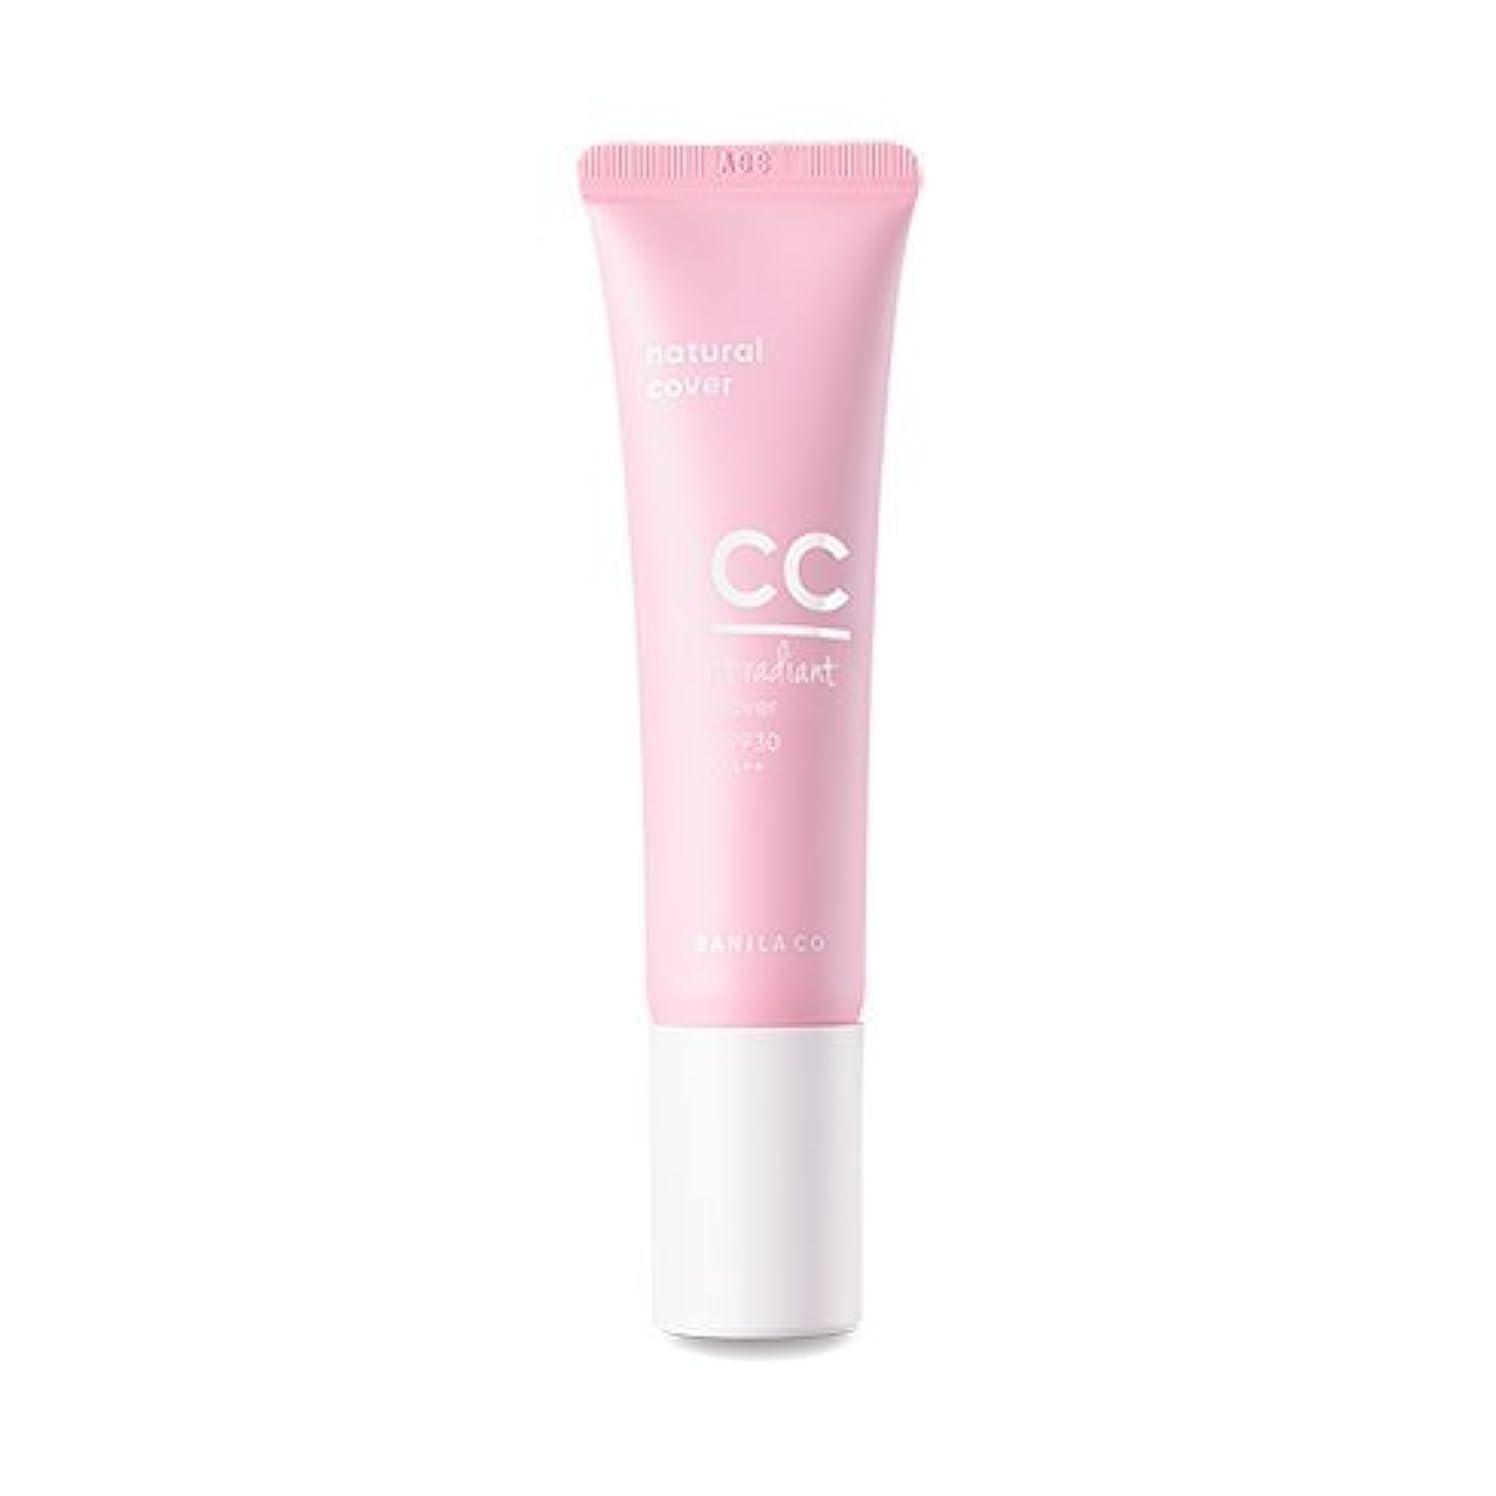 定常反対に剪断[BANILA CO] バニラコイッラディアントCCカバークリーム 30ml / banila co it radiant CC cover cream SPF30 PA++ natural cover [並行輸入品]...